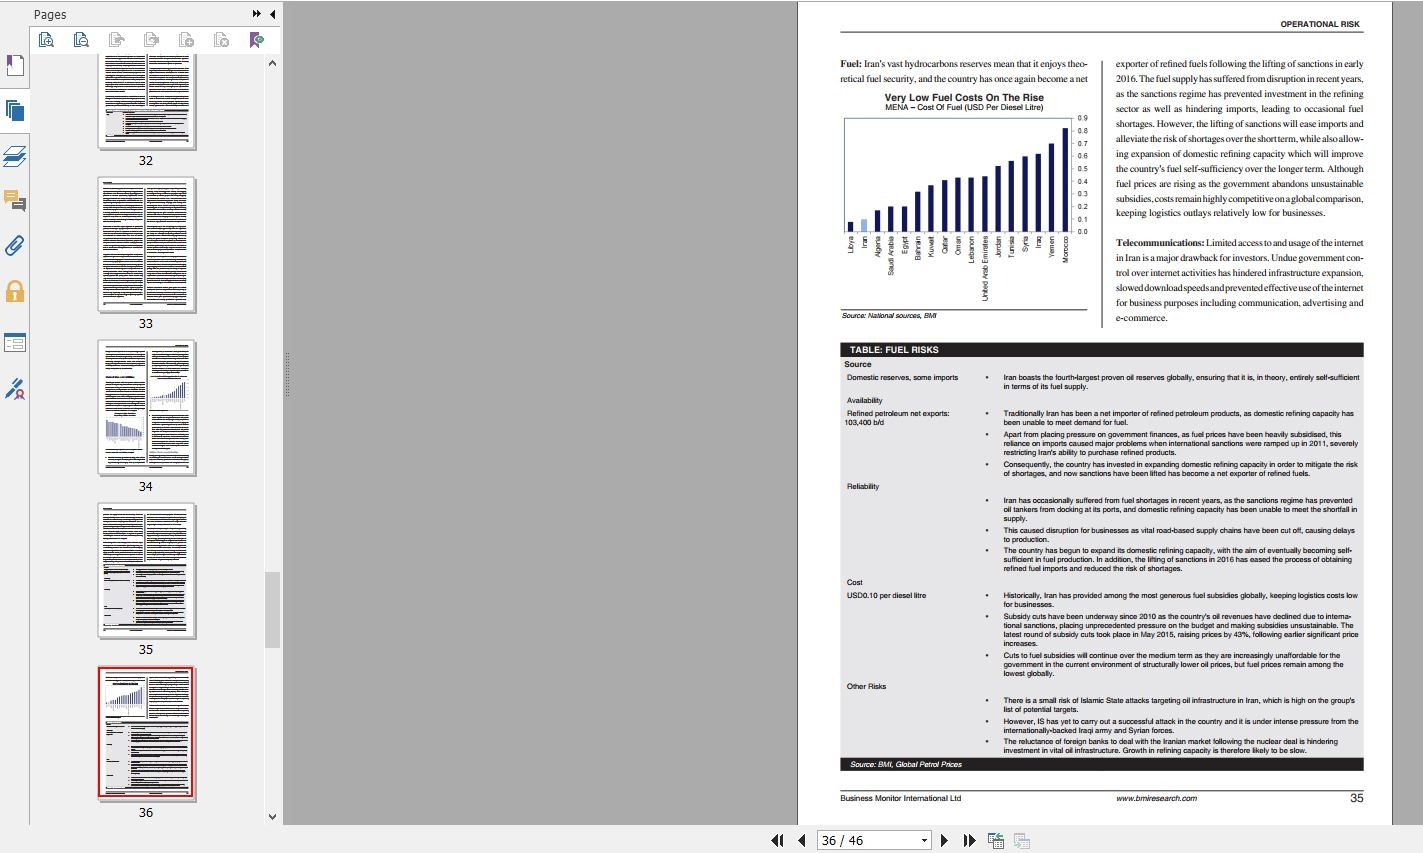 گزارشهای سازمان بیزینسمانیتور اینترنشنال درباره انواع ریسک در ایران Iran Country Risk Report Q1 2018 دانلود گزارش Country Risk Report Q2 2018.pdf Downloadگیگاپیپرگیگاپیپر